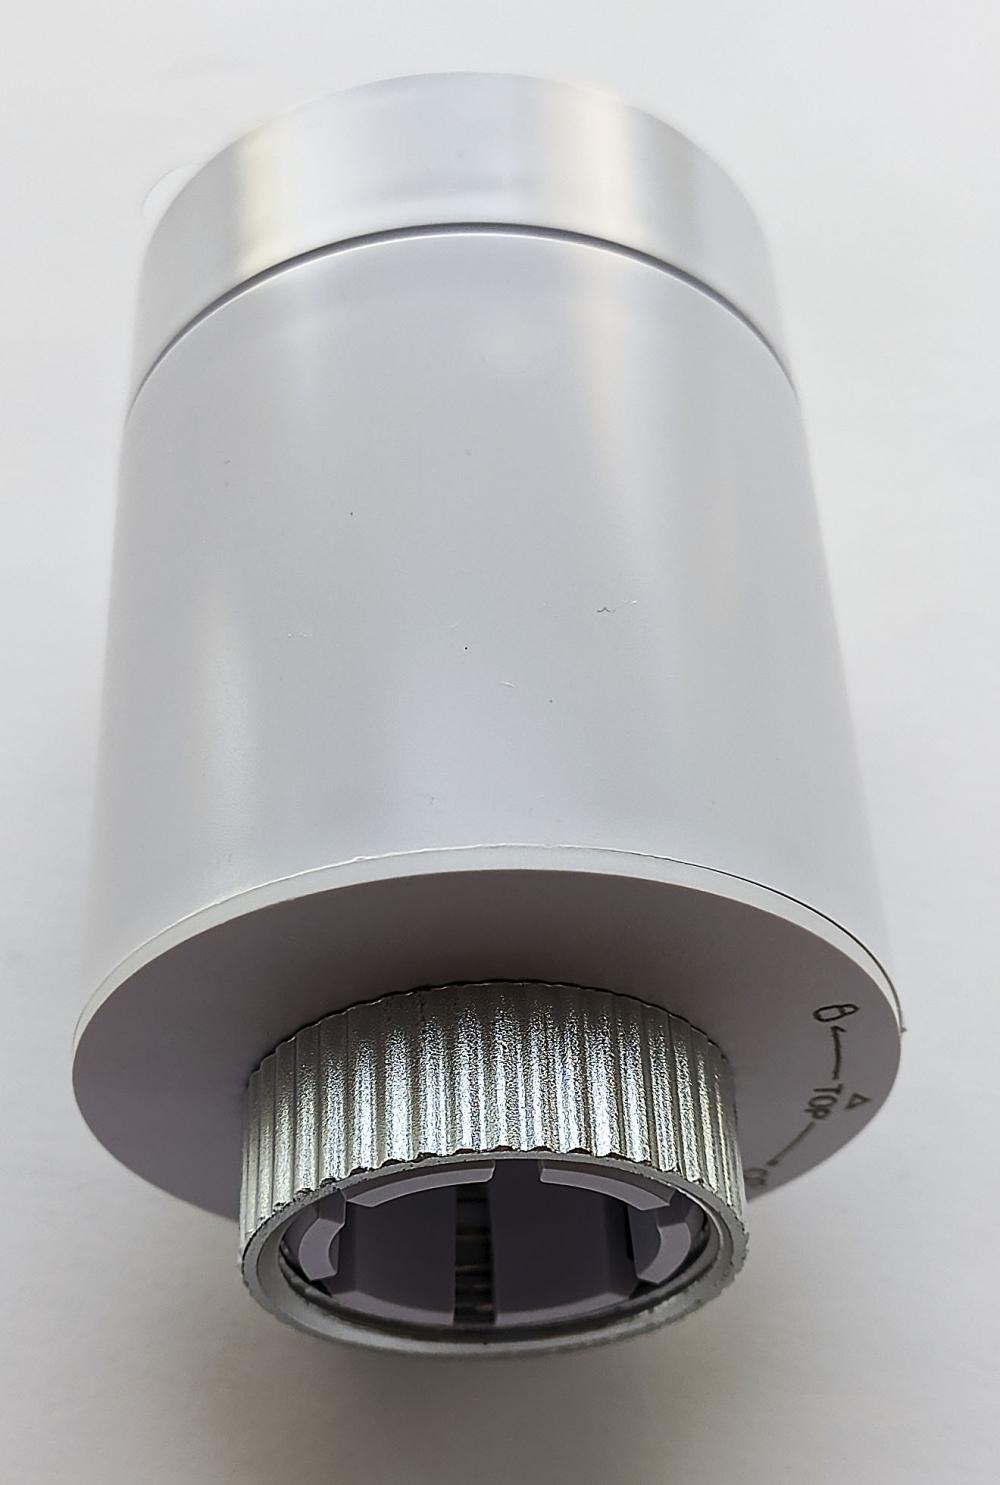 Умный дом: беспроводная термоголовка для радиаторов Tervix Pro Line EVA для умного дома, беспроводная ZigBee - 8